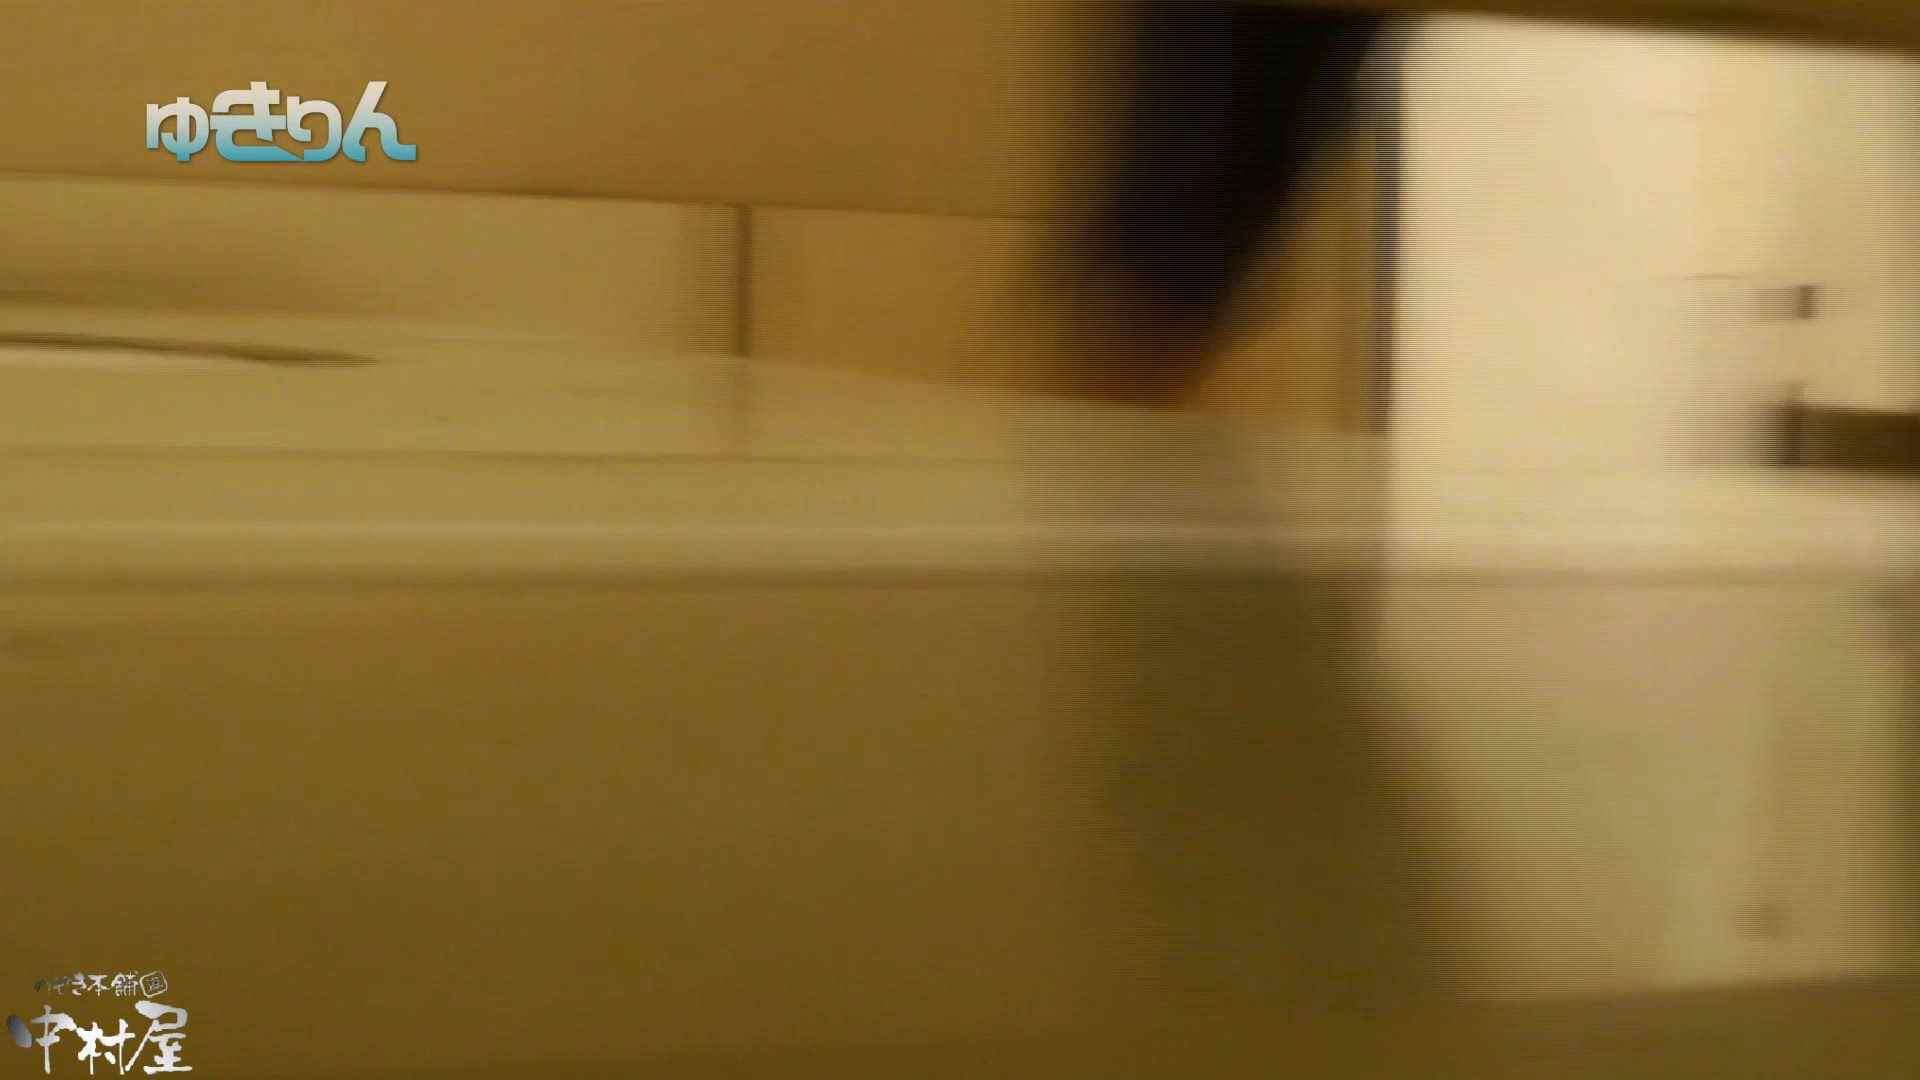 【世界の射窓から~ステーション編~】ステーション編 vol54 便秘のせいで長蛇の列、じっくり撮らせて頂きました後編 HなOL | 0  59pic 42